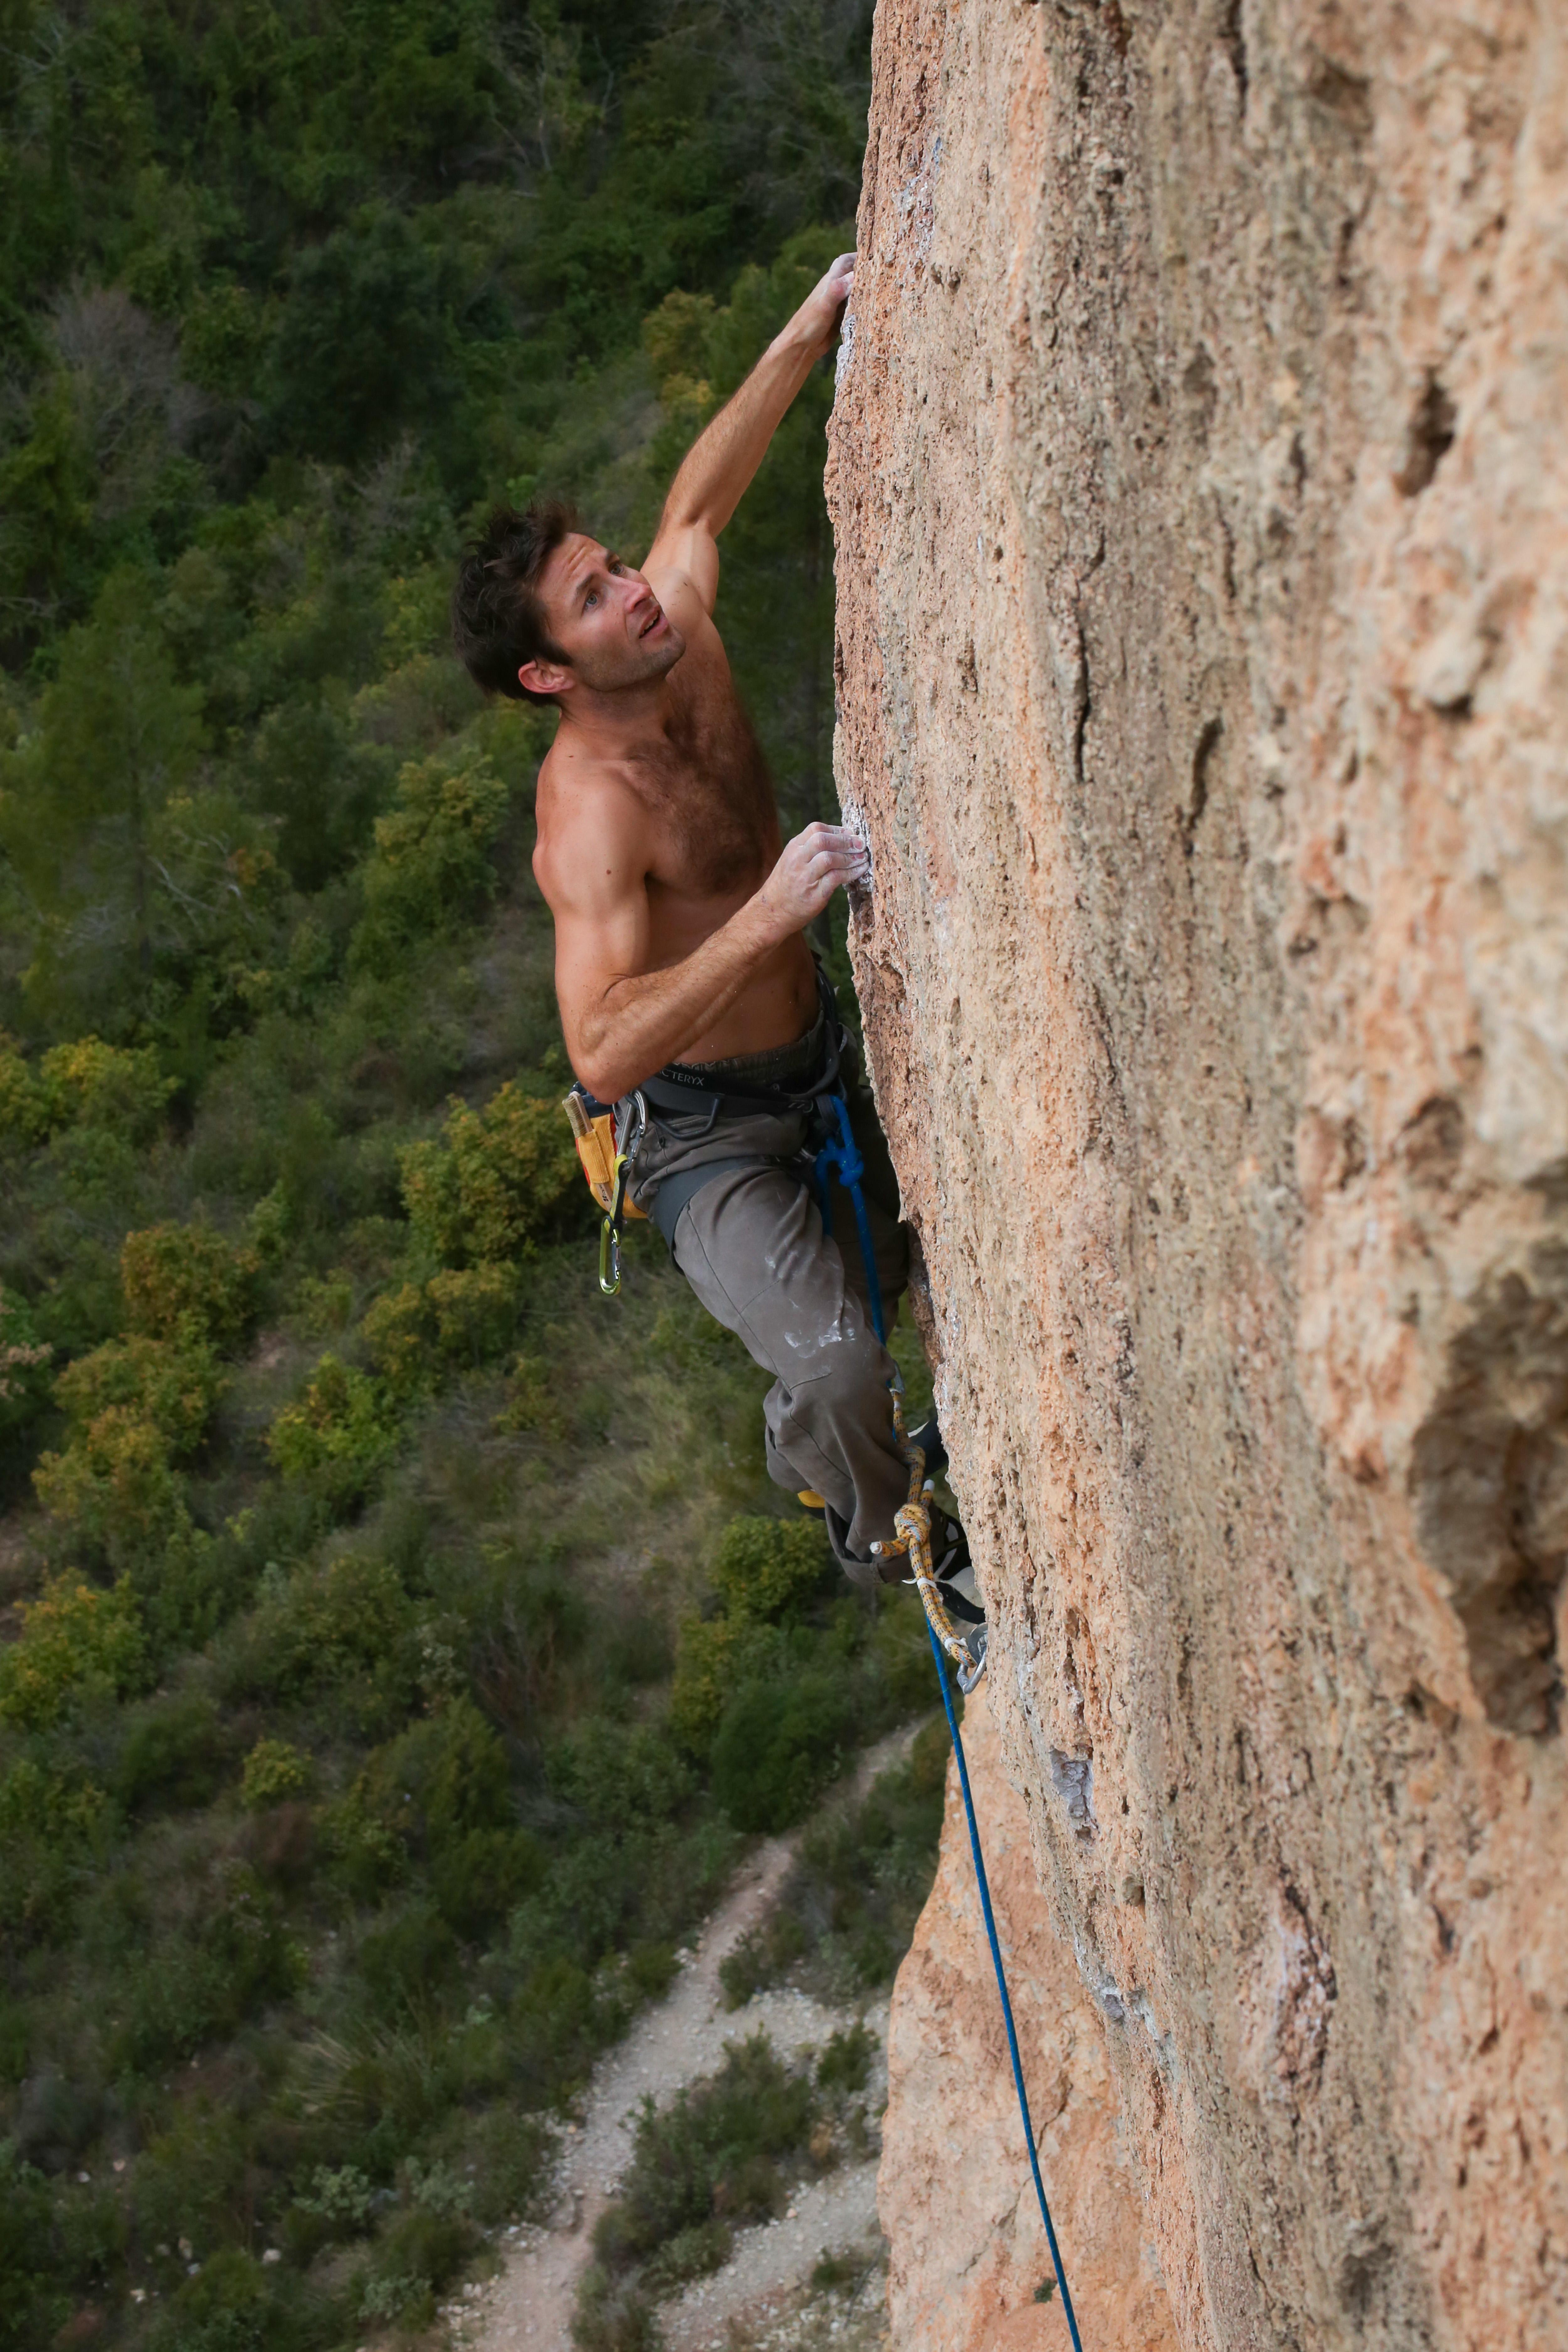 Italian climber Andrea Polo climbs Zona Zero 8b in Siurana Spain.